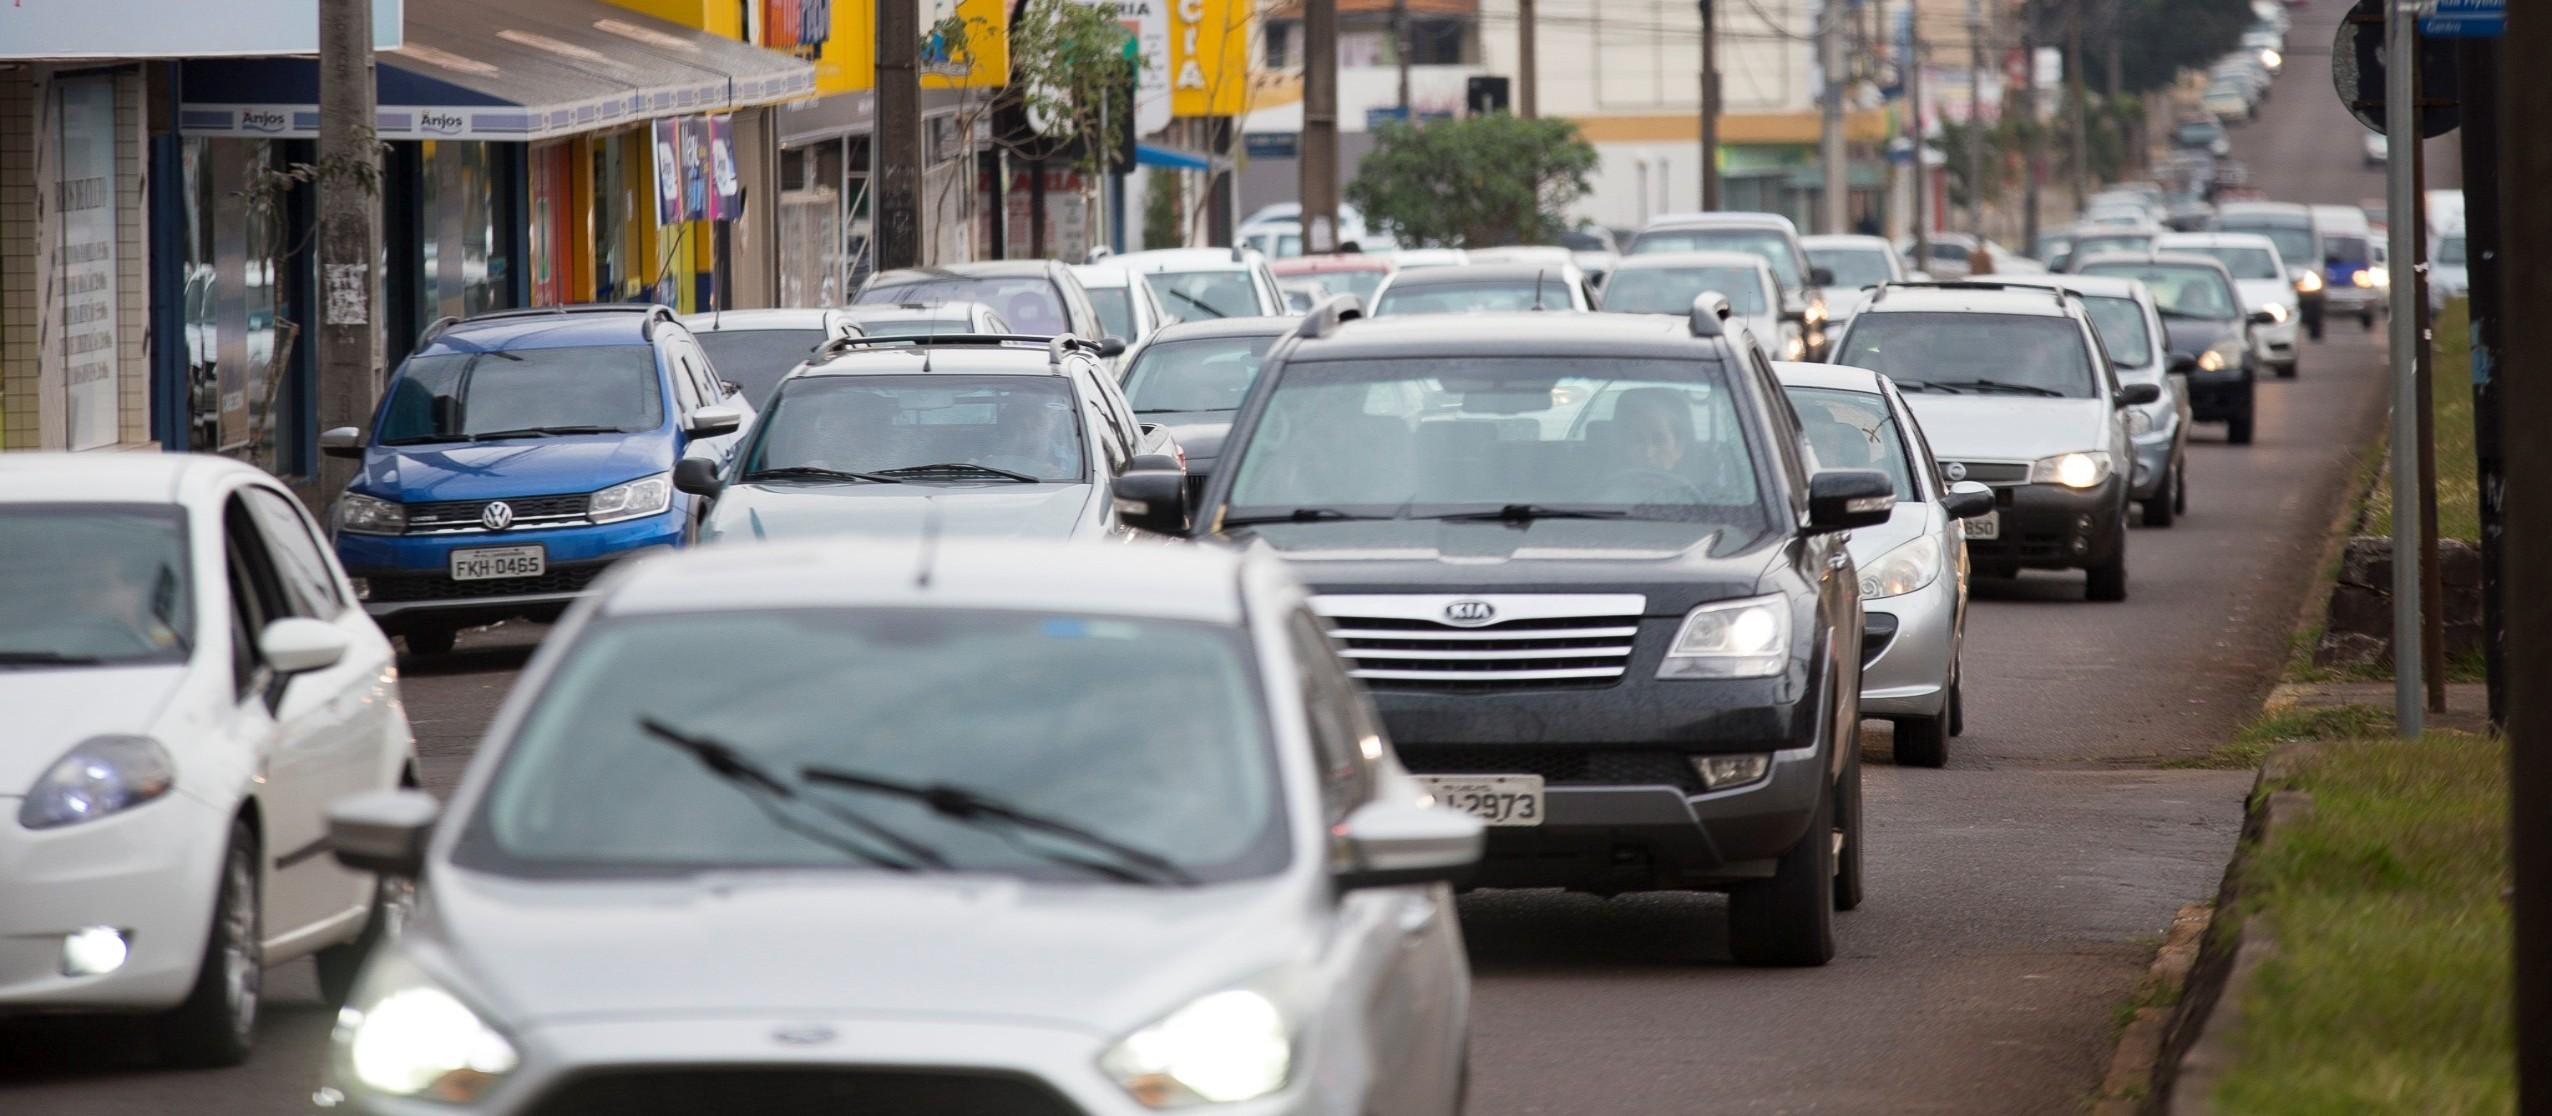 Veículos de saúde de outros municípios não terão isenção no Estar